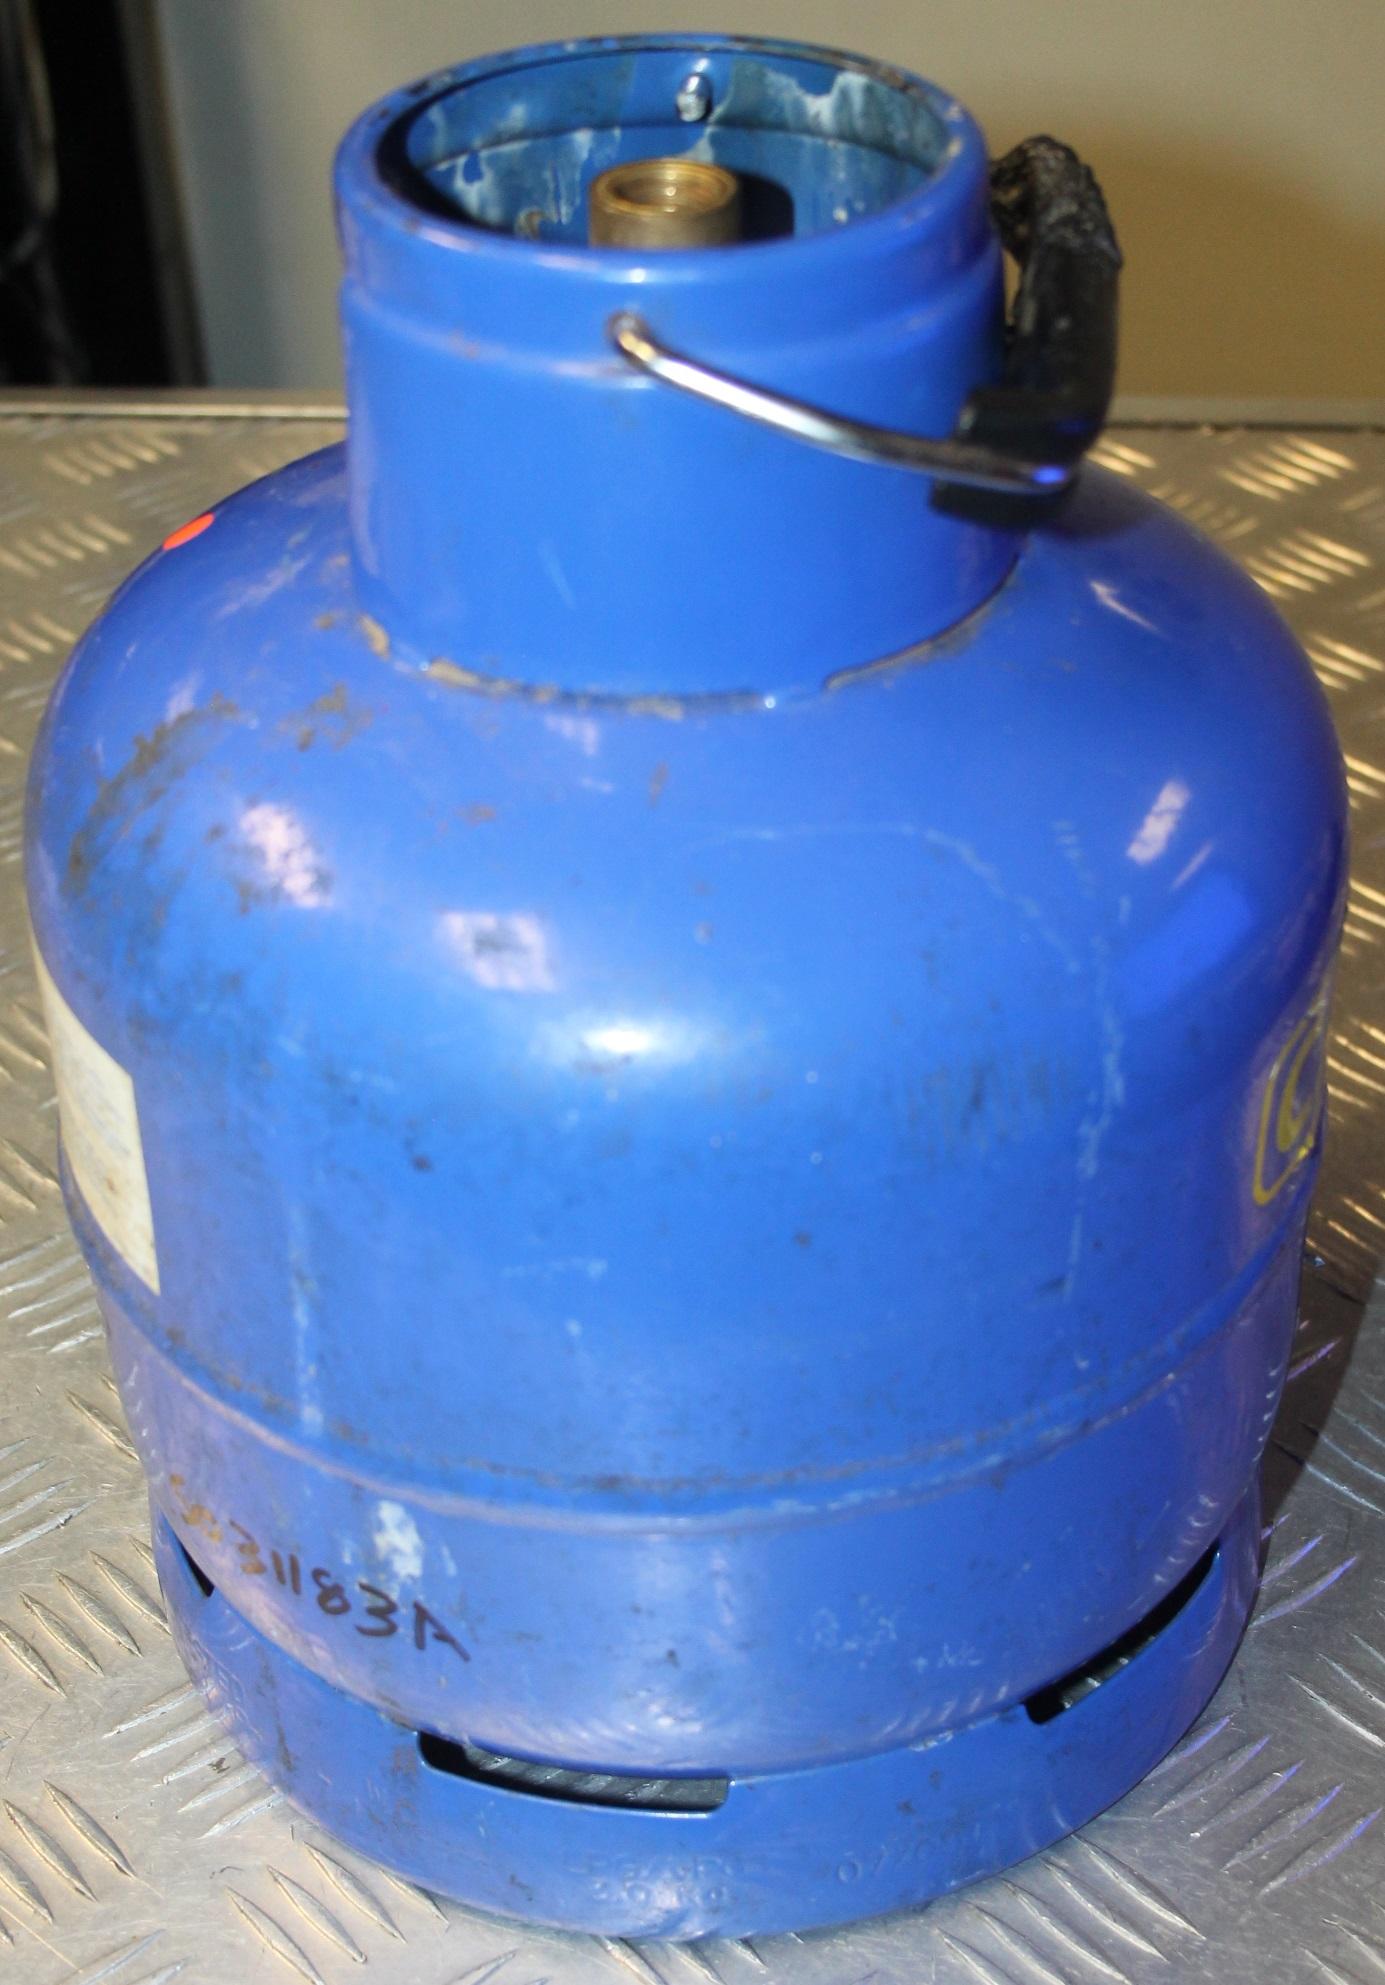 Cadac 3KG gas bottle S031183A #Rosettenvillepawnshop